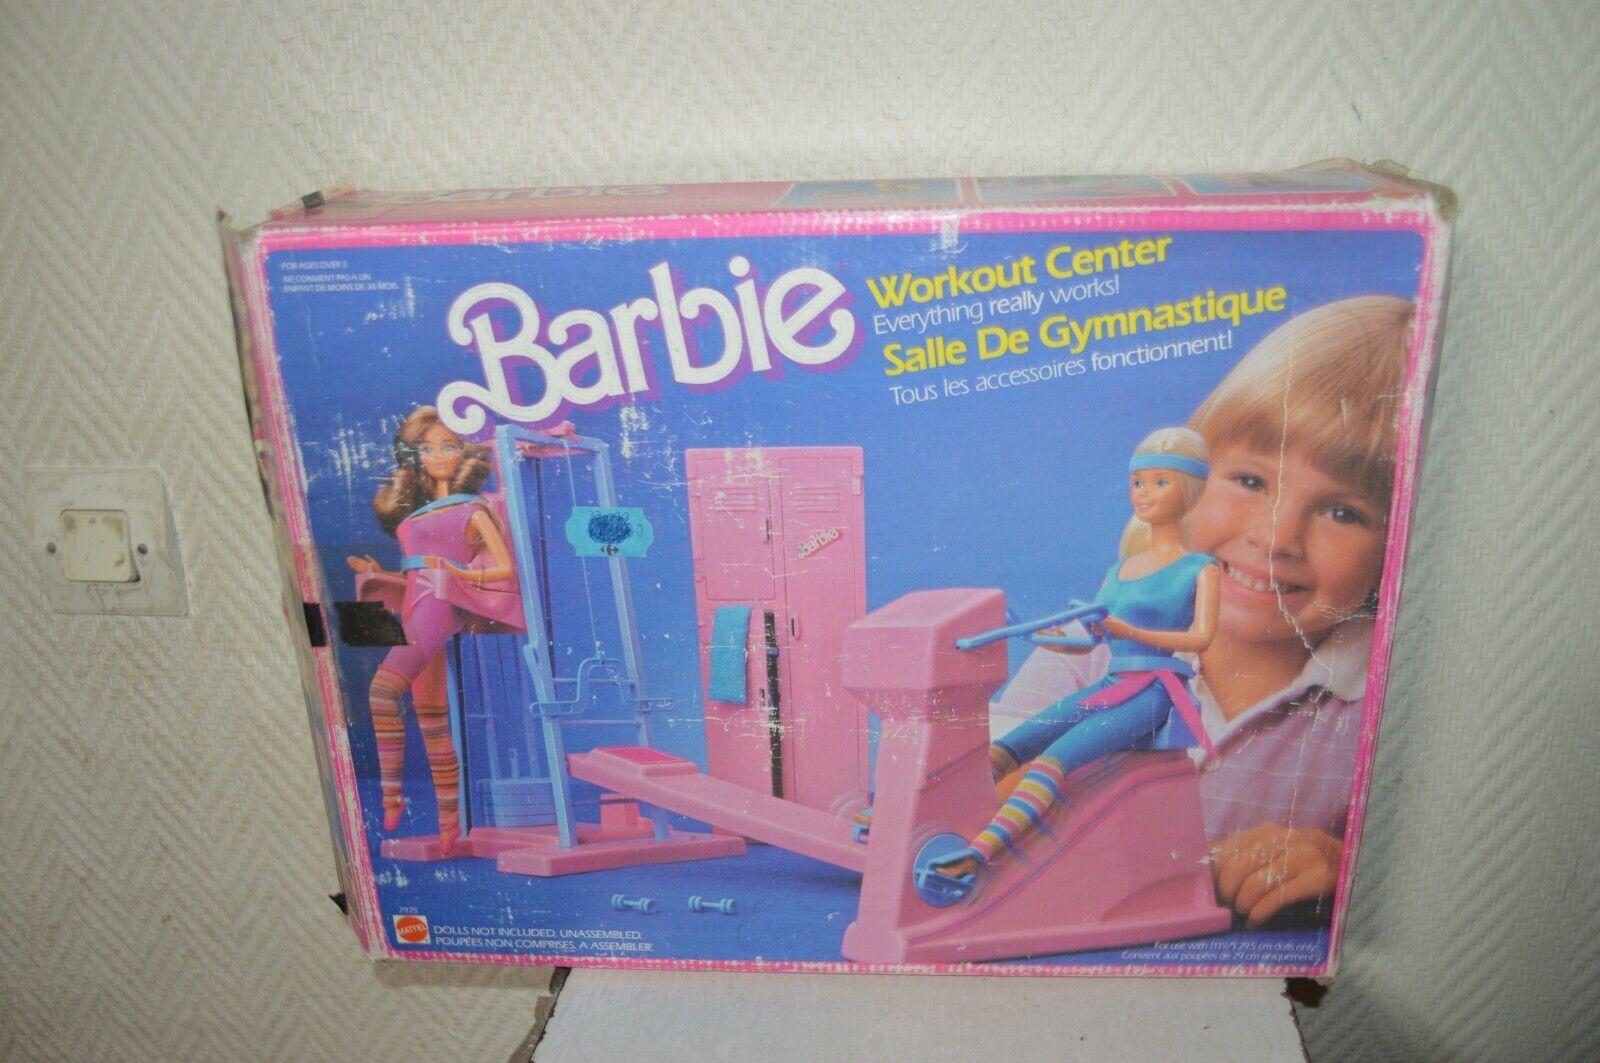 StuttiE DE  GYMNASTIQUE  POUPEE BARBIE MATTEL EN BOITE VINTAGE 1984 n° 7975 FITNESS  le migliori marche vendono a buon mercato